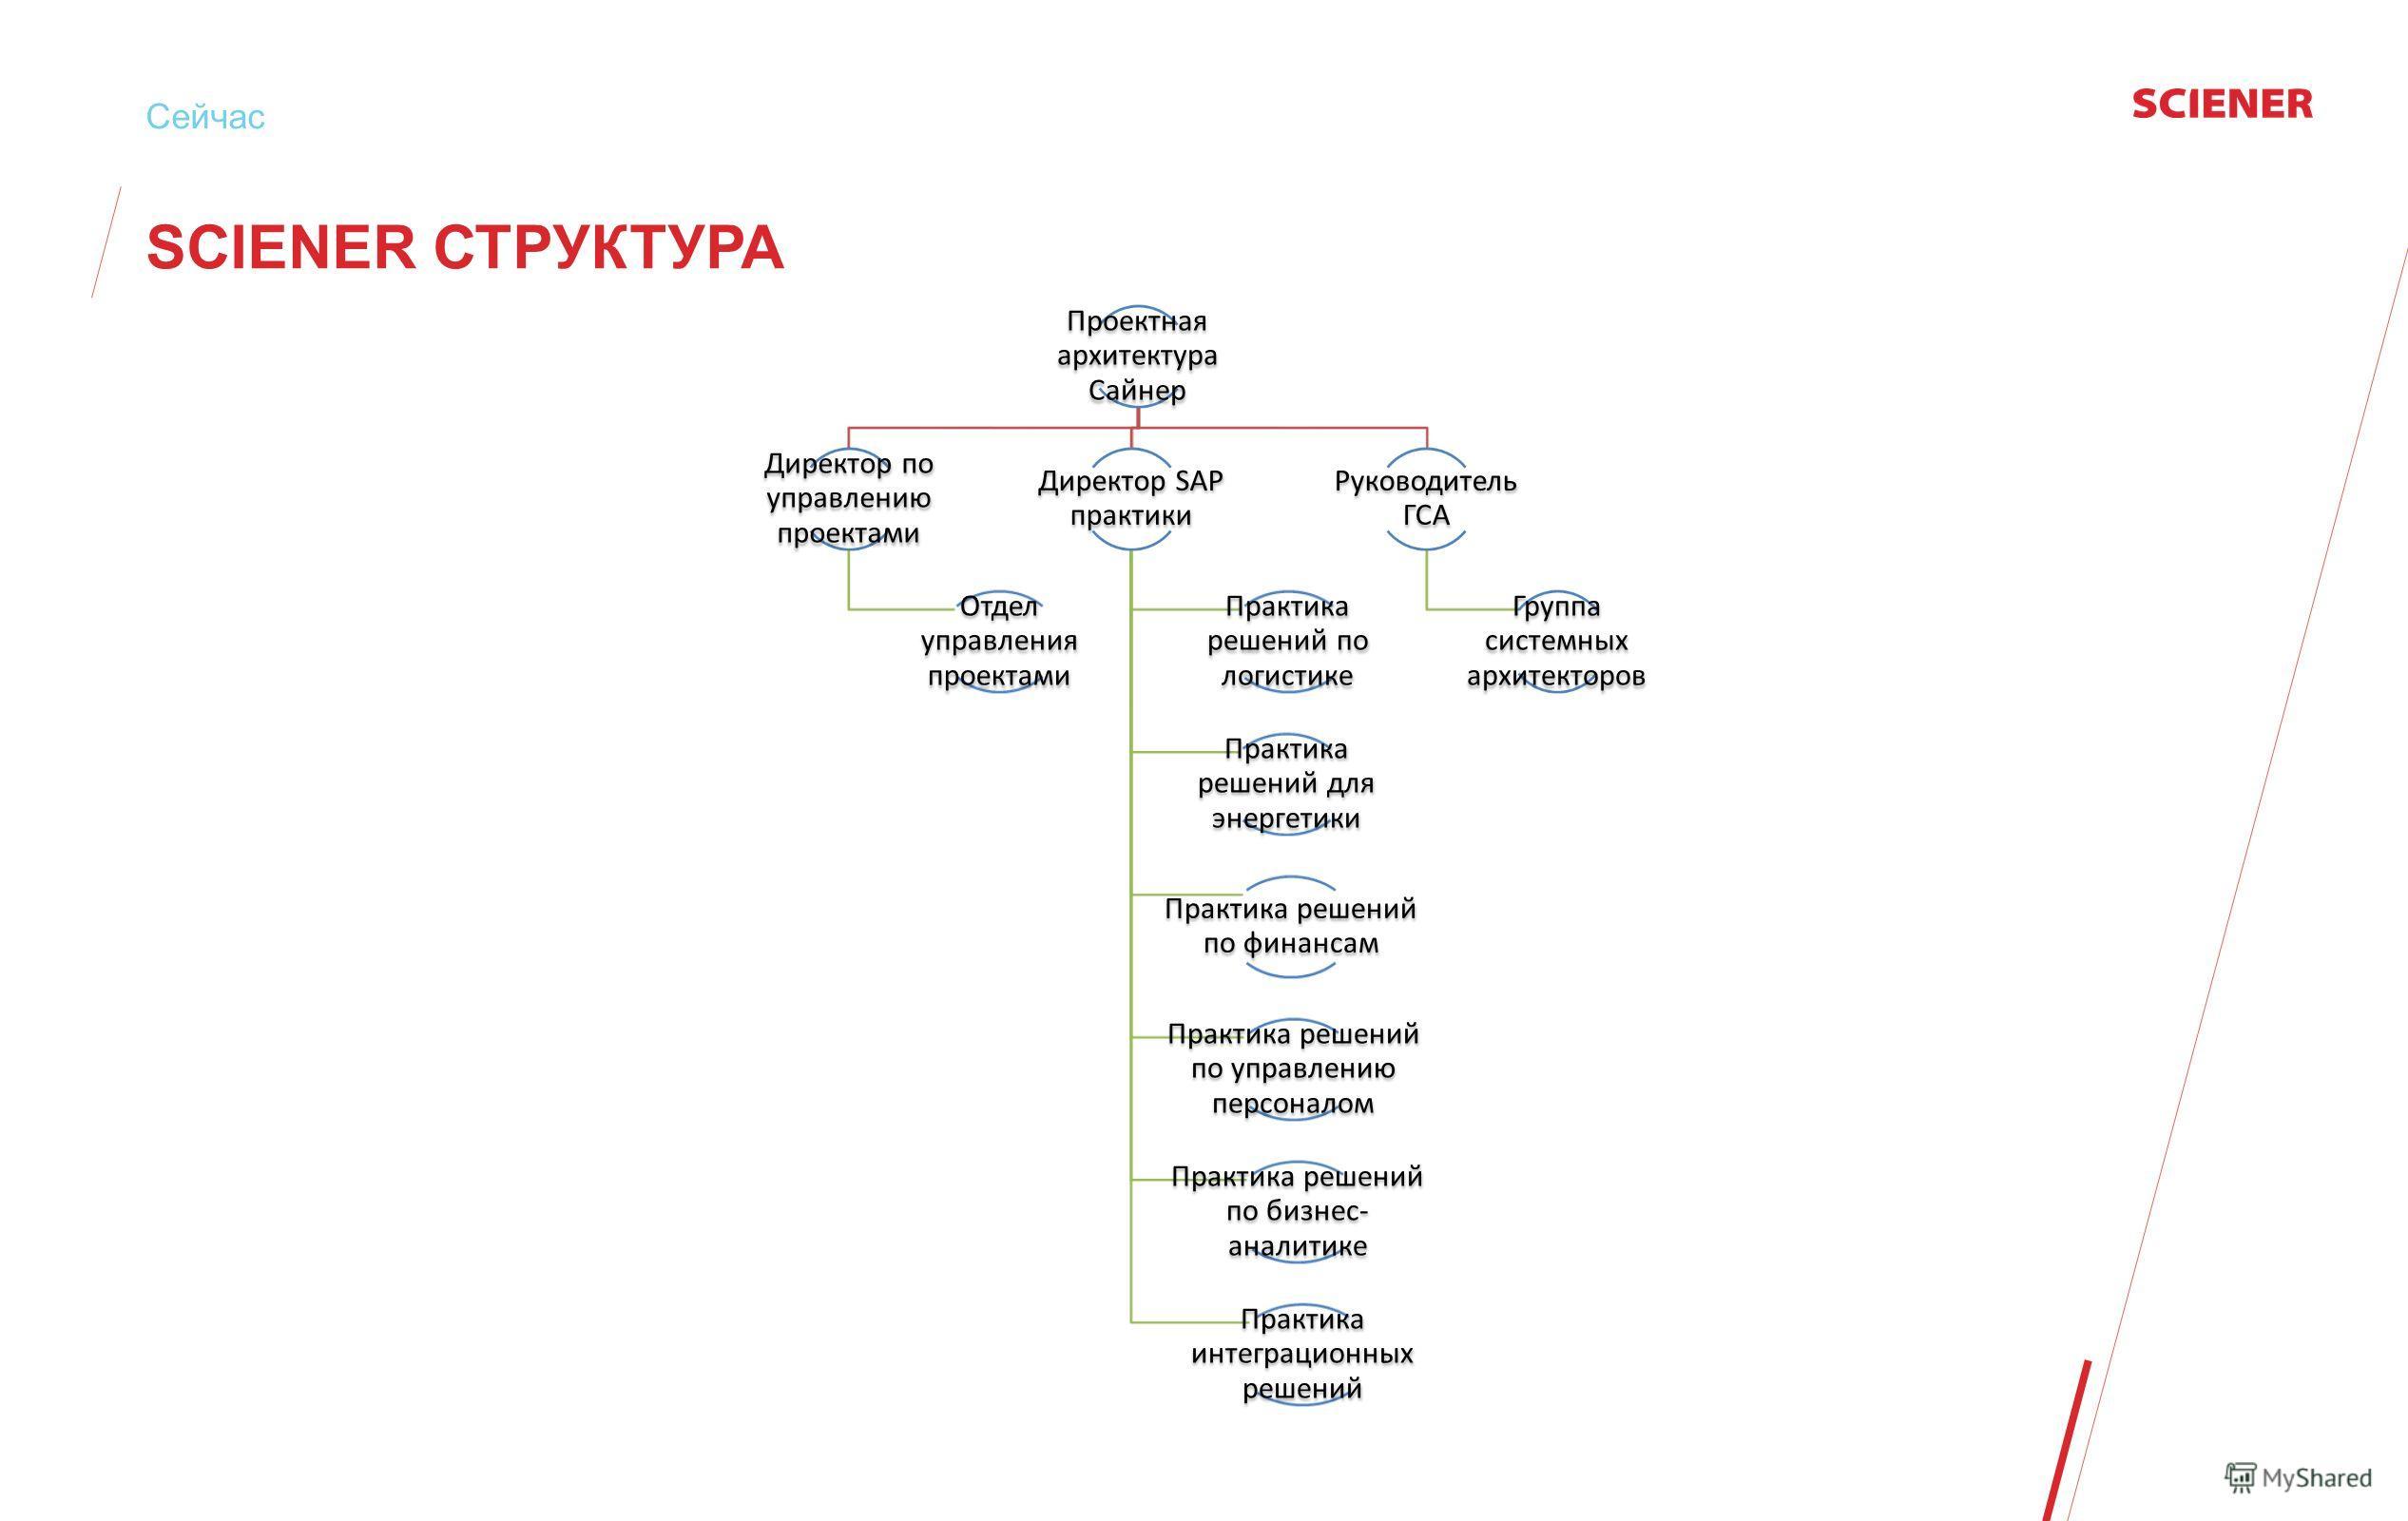 Сейчас SCIENER СТРУКТУРА Проектная архитектура Сайнер Директор по управлению проектами Отдел управления проектами Директор SAP практики Практика решений по логистике Практика решений для энергетики Практика решений по финансам Практика решений по упр